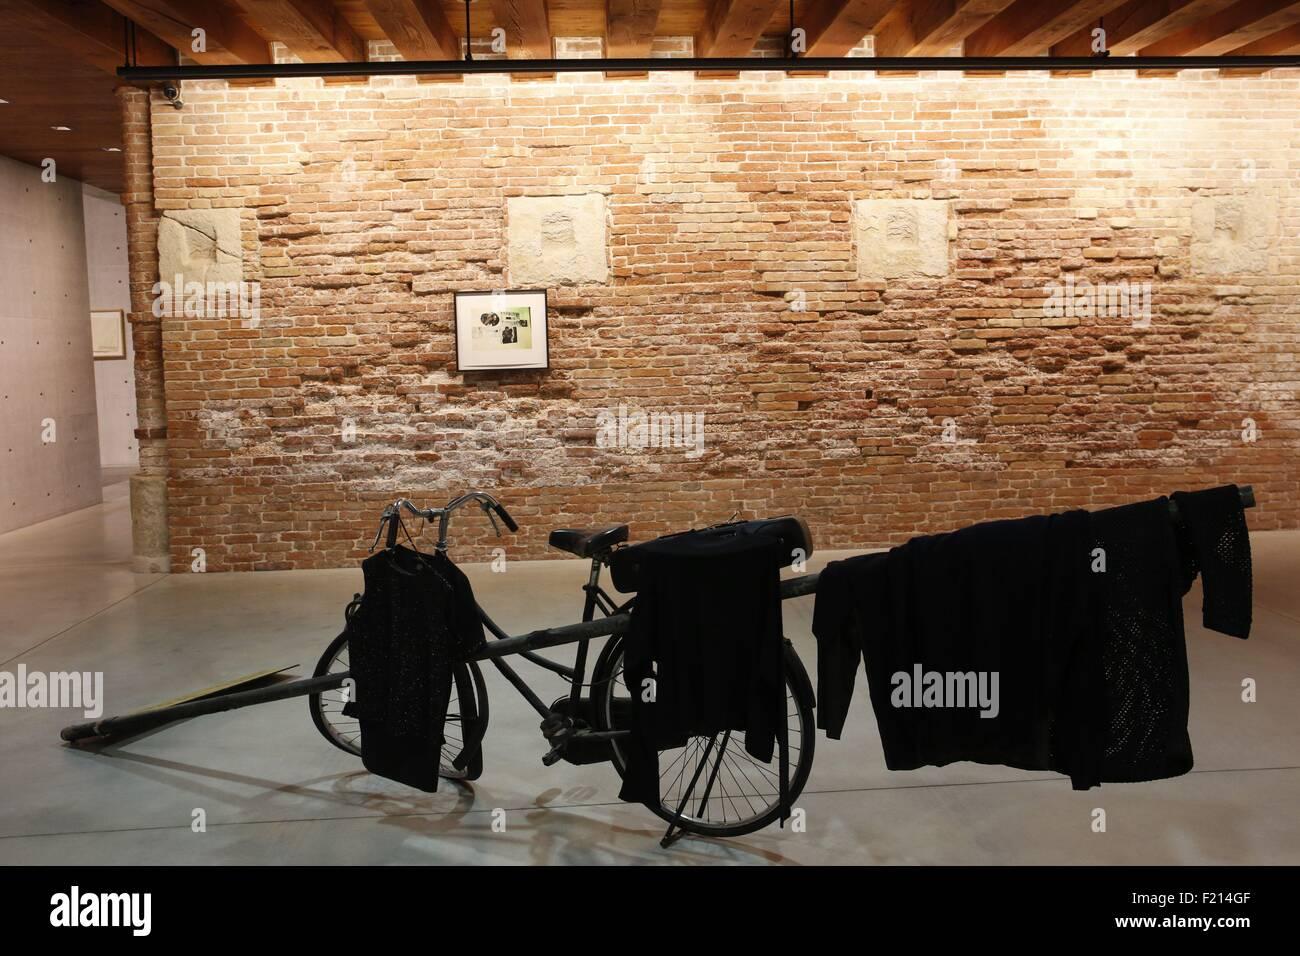 Italien, Venedig, Slip auf der Zunge Ausstellung zeitgenössischer Kunst in der Punta della Dogana Stiftung Stockbild